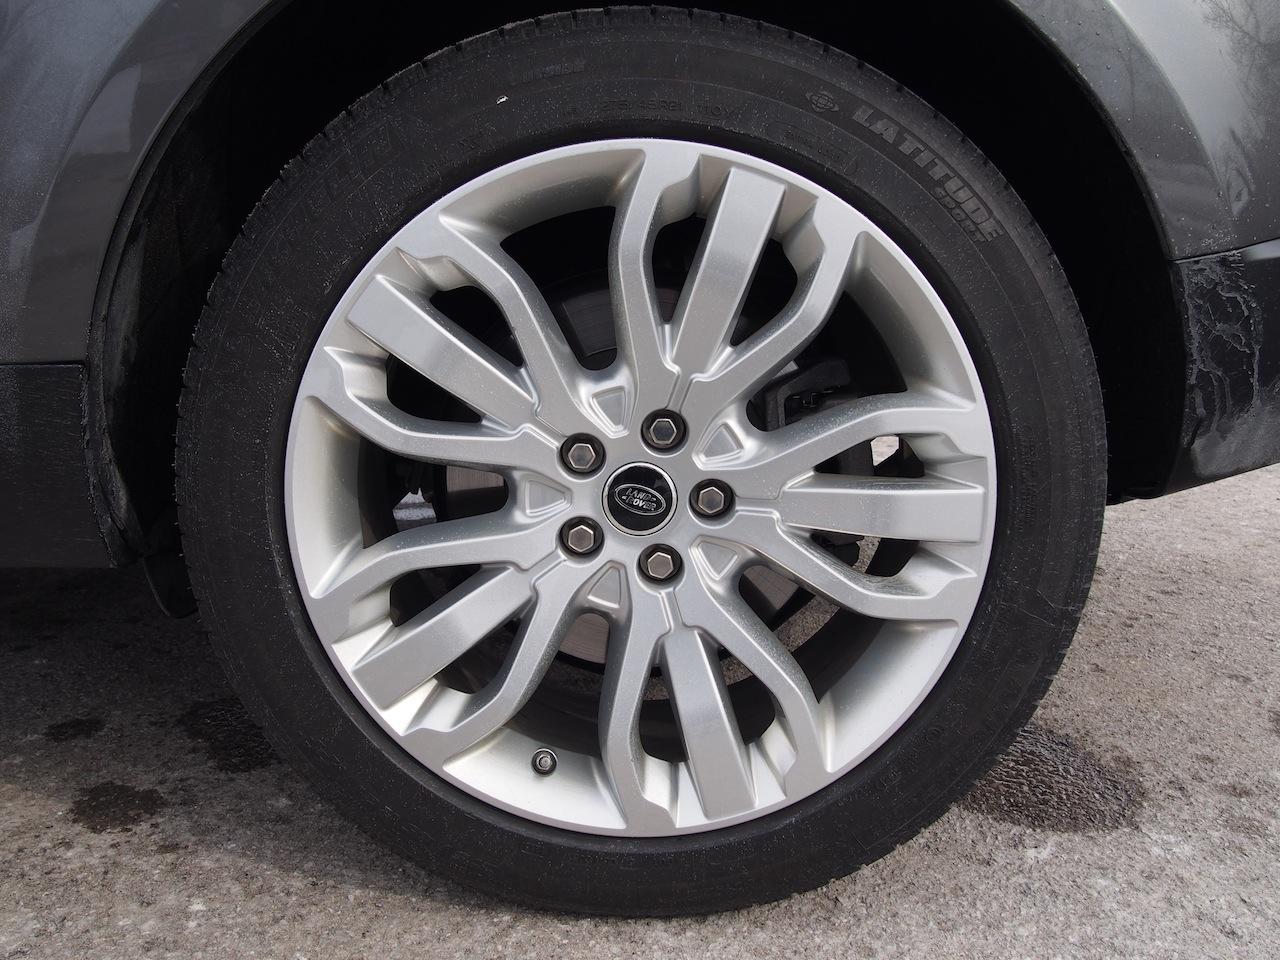 2014 Range Rover Wheels 2014 Range Rover Sport